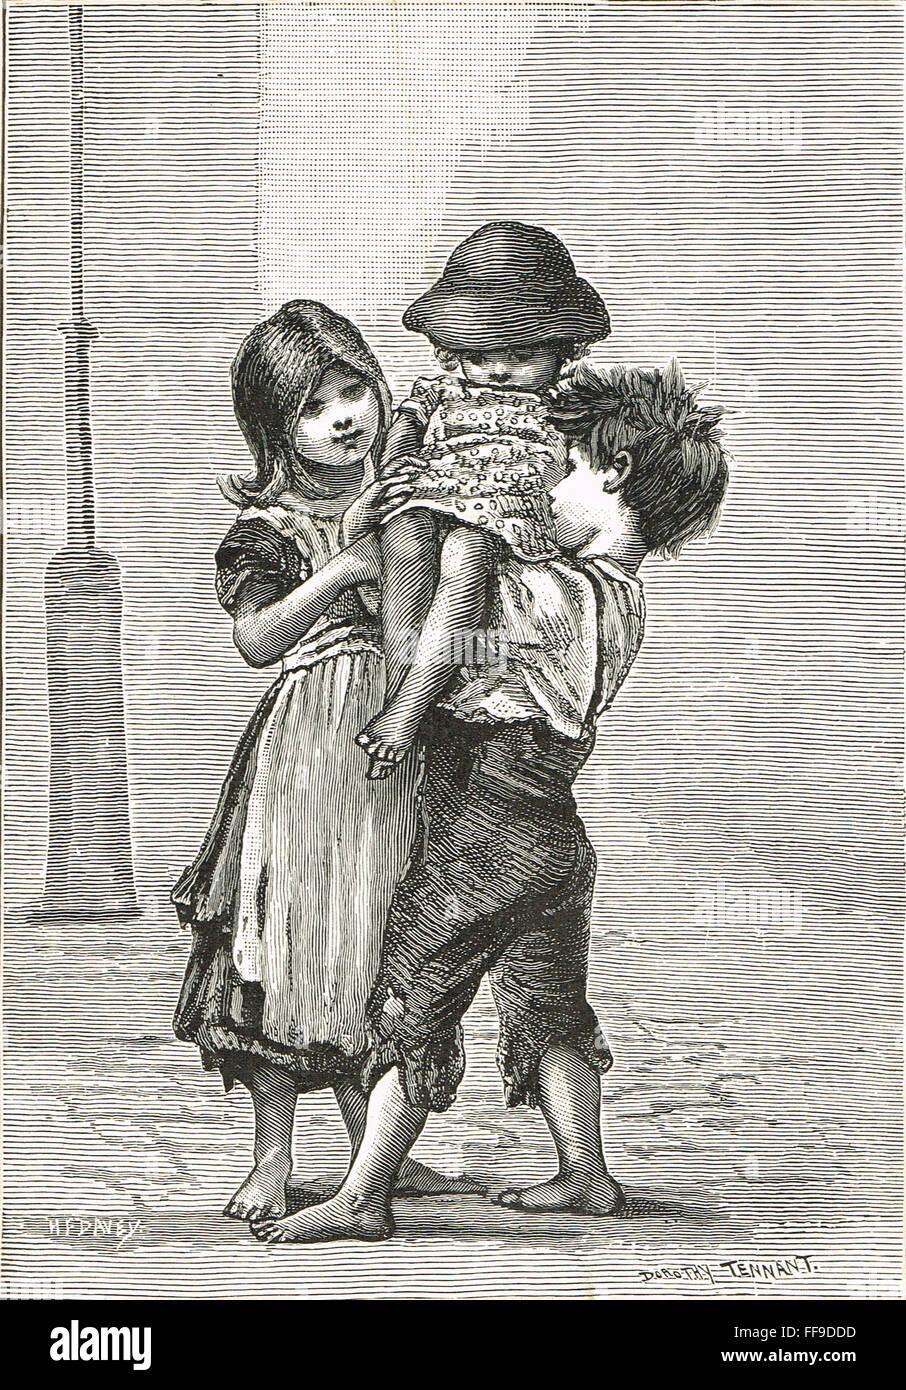 Viktorianischen London Street Araber auf der Suche nach den jüngsten Stockbild